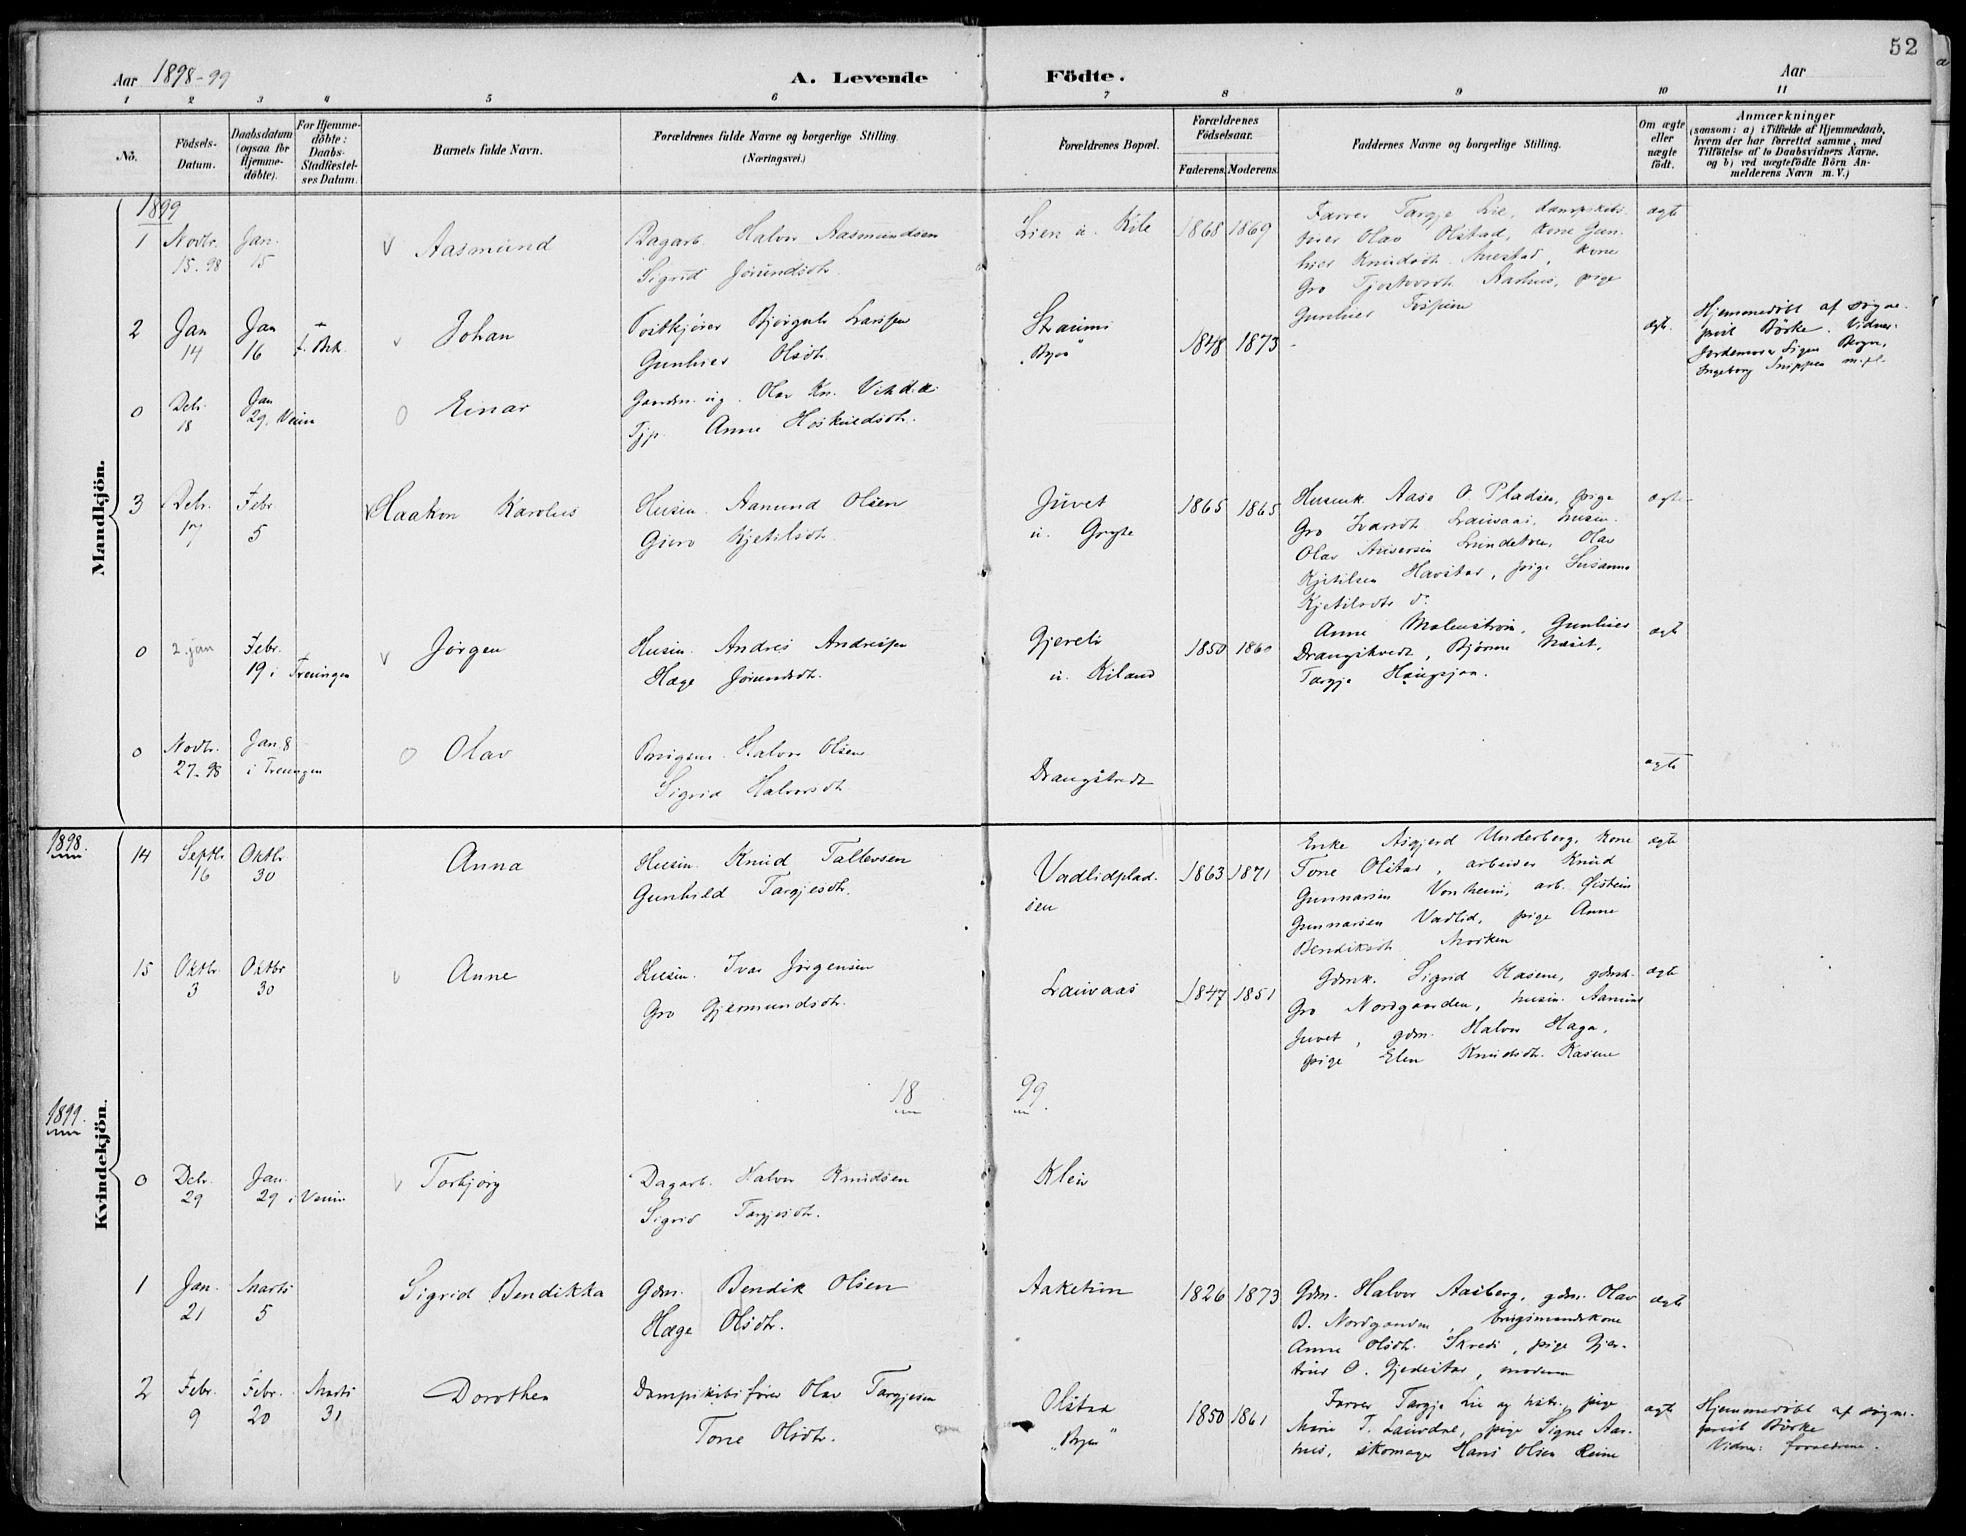 SAKO, Fyresdal kirkebøker, F/Fa/L0007: Ministerialbok nr. I 7, 1887-1914, s. 52